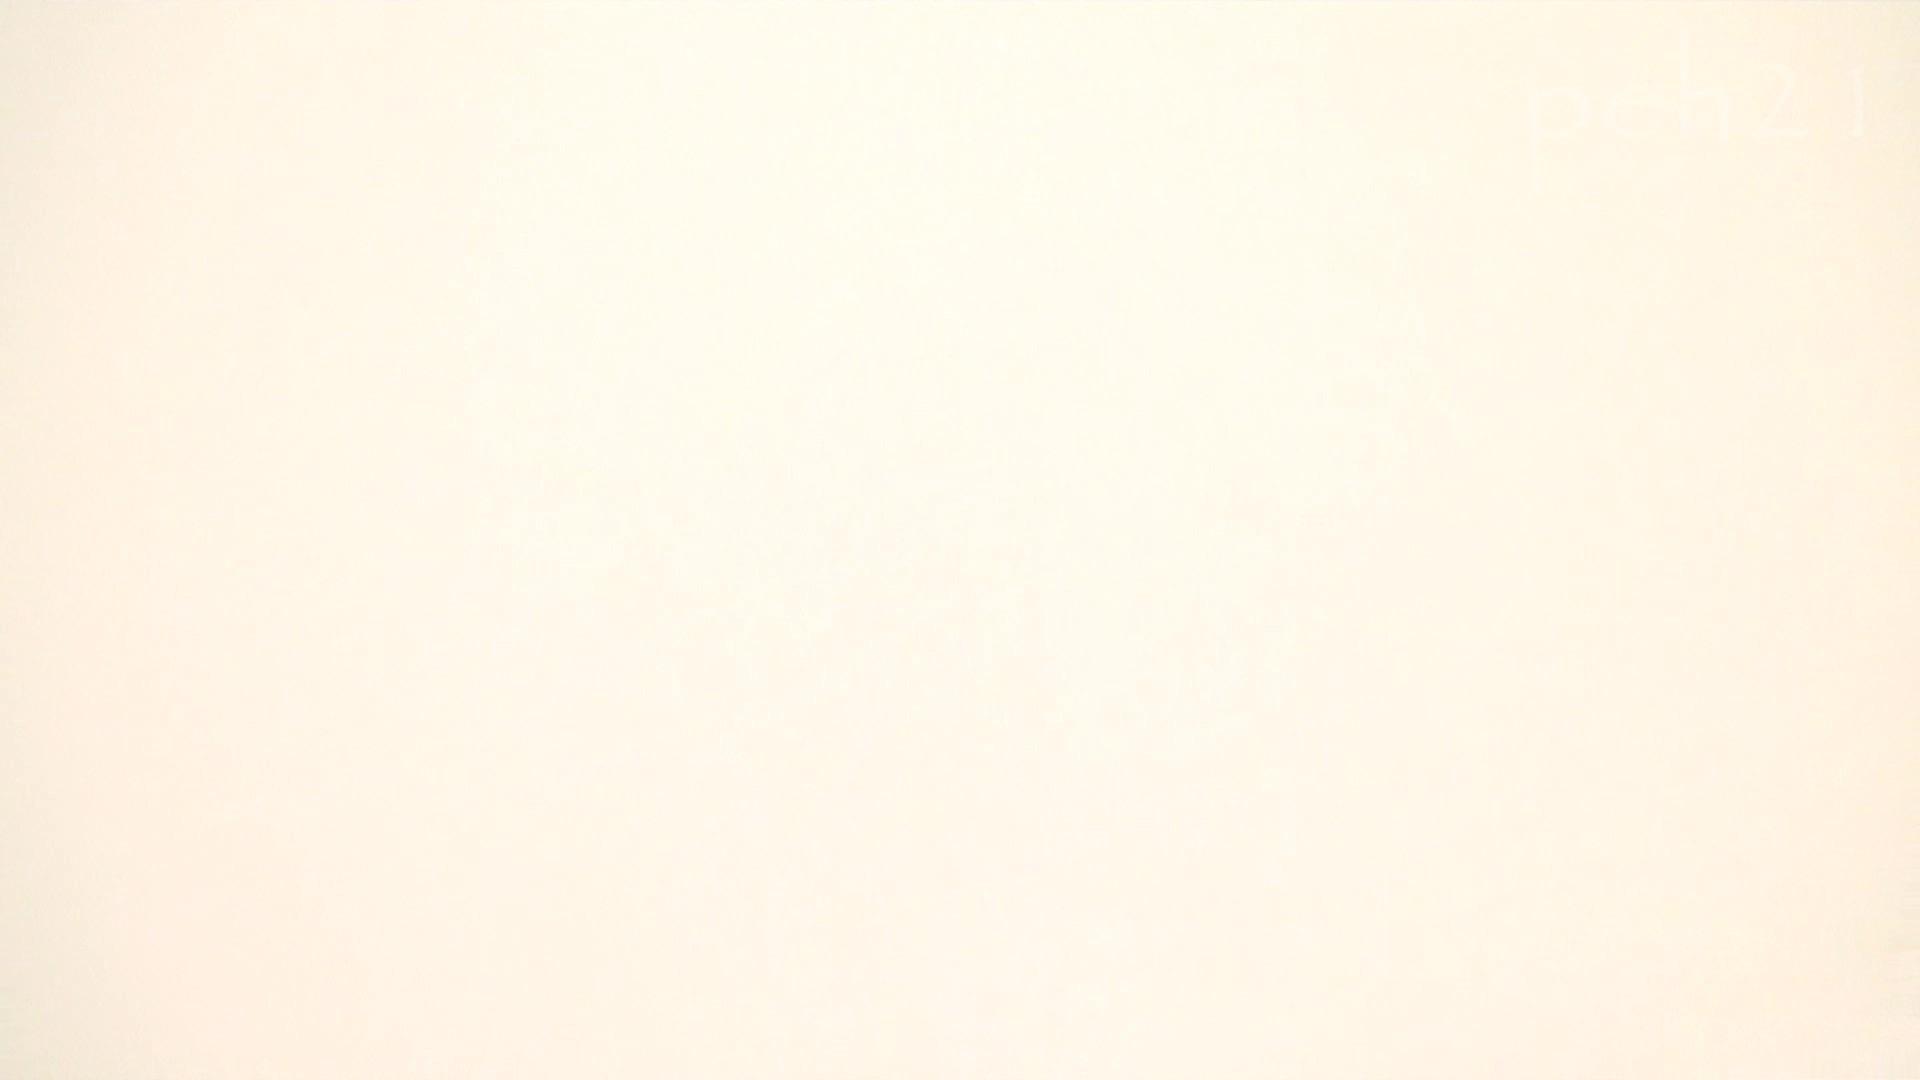 ※100個限定販売 至高下半身盗撮 プレミアム Vol.21 ハイビジョン 盗撮エロすぎ   OL  68連発 29